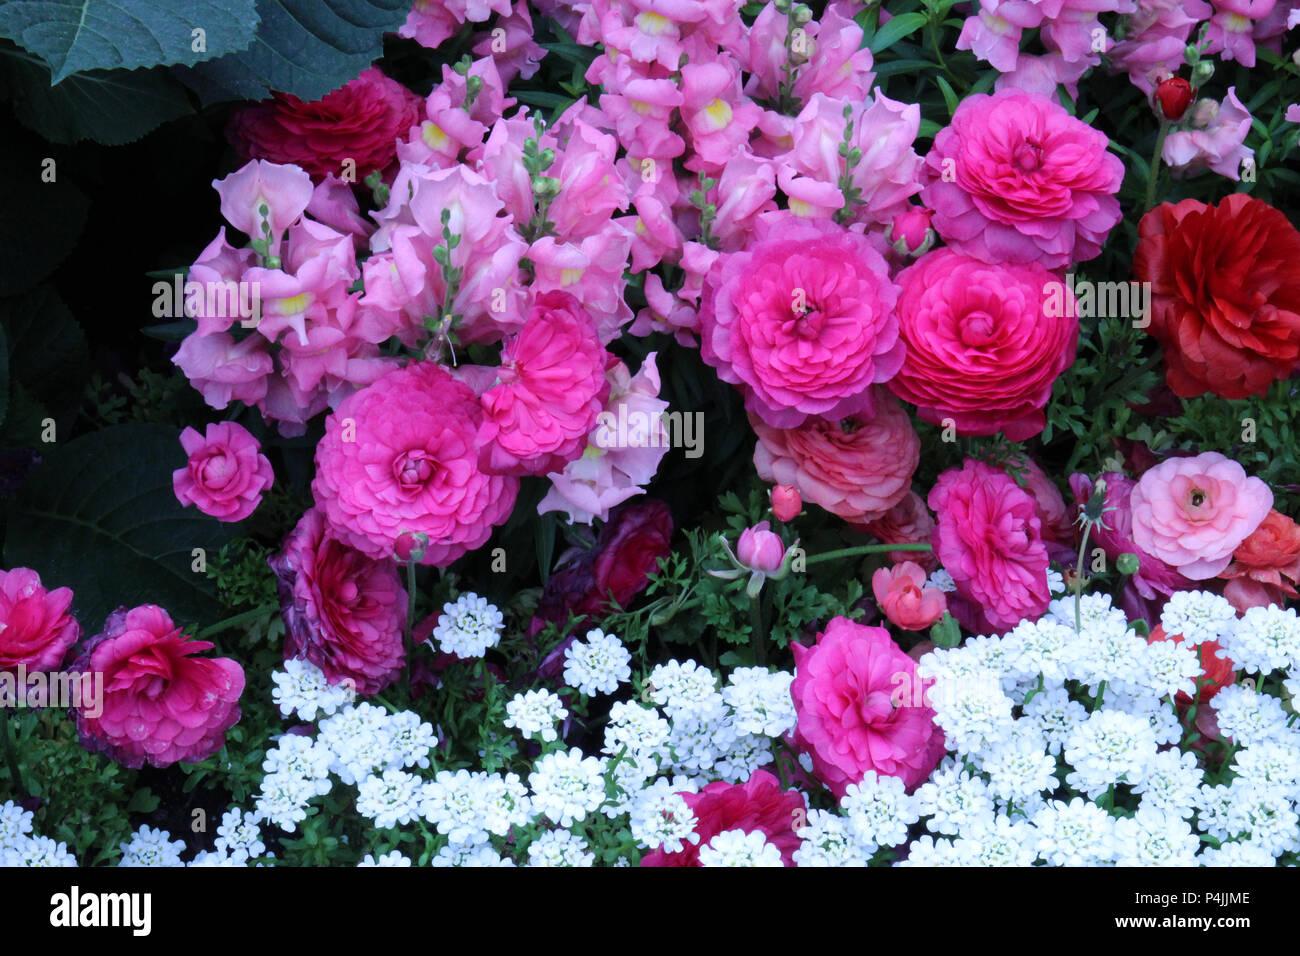 Un parterre lleno de color rosa y rojo, durazno, Ranunculus, rosa y blanco flores Candytuft dragones Foto de stock